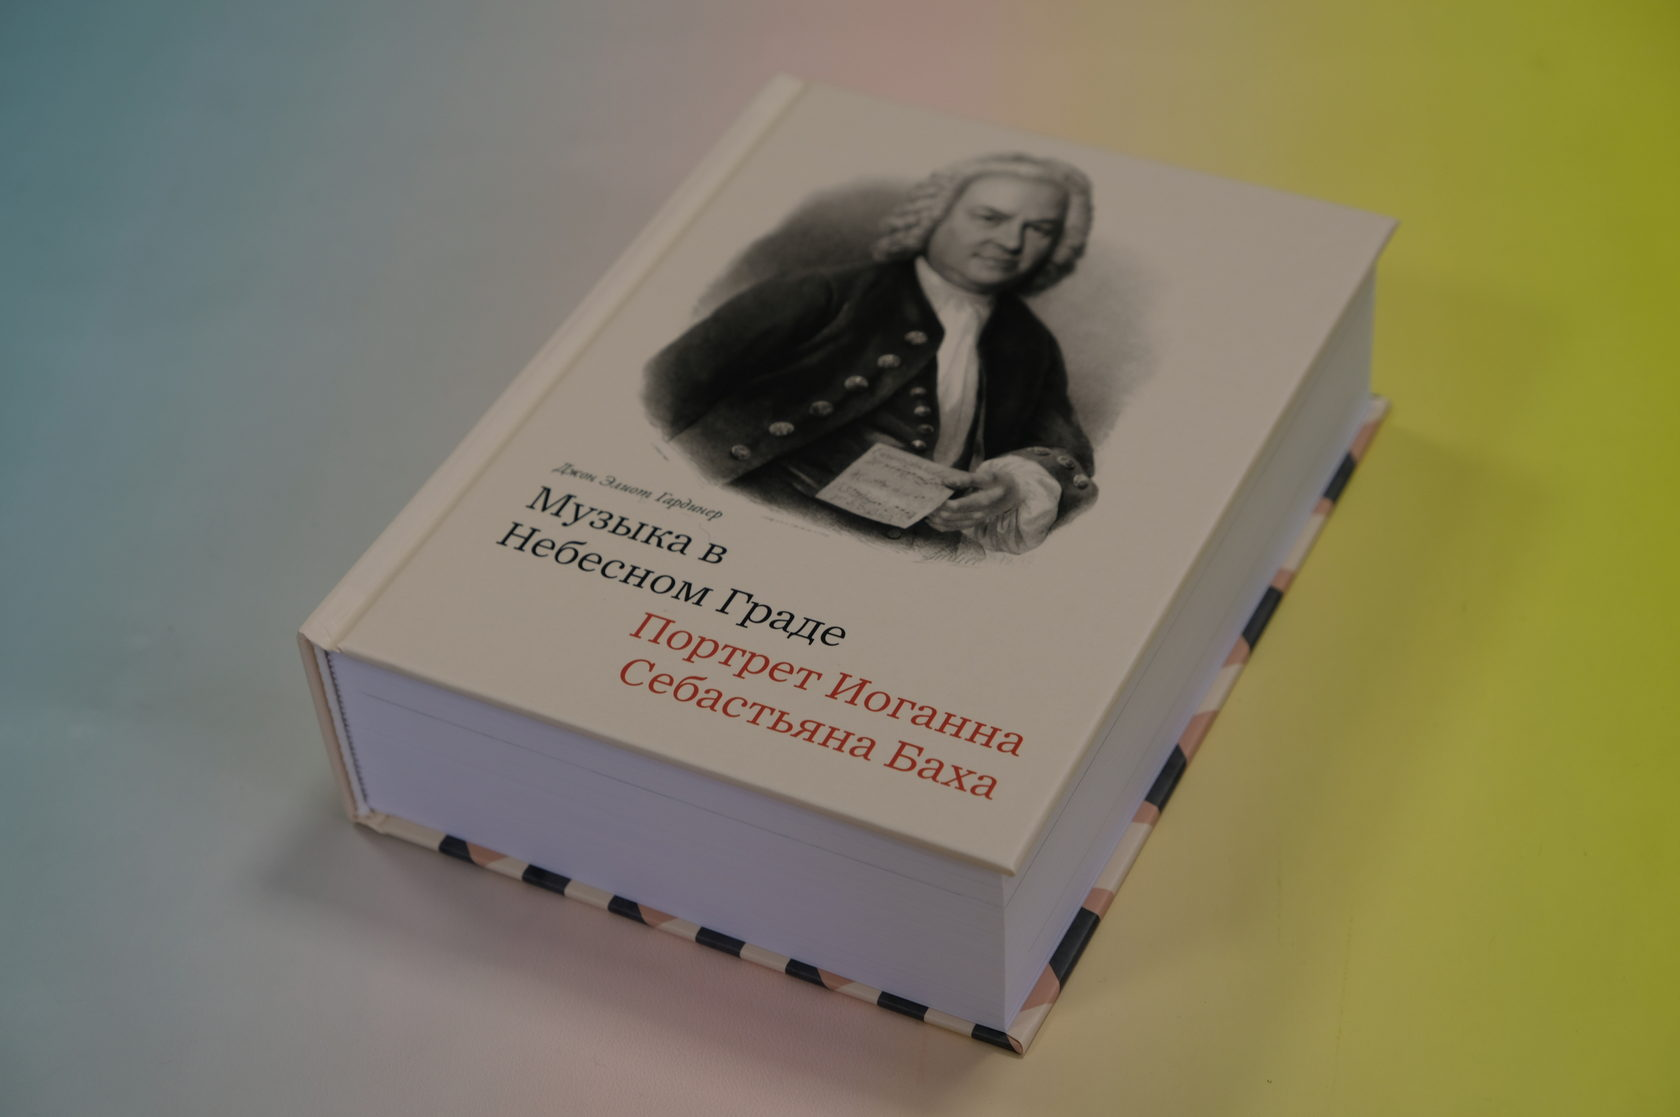 Джон Гардинер «Музыка в Небесном Граде. Портрет Иоганна Себастьяна Баха»